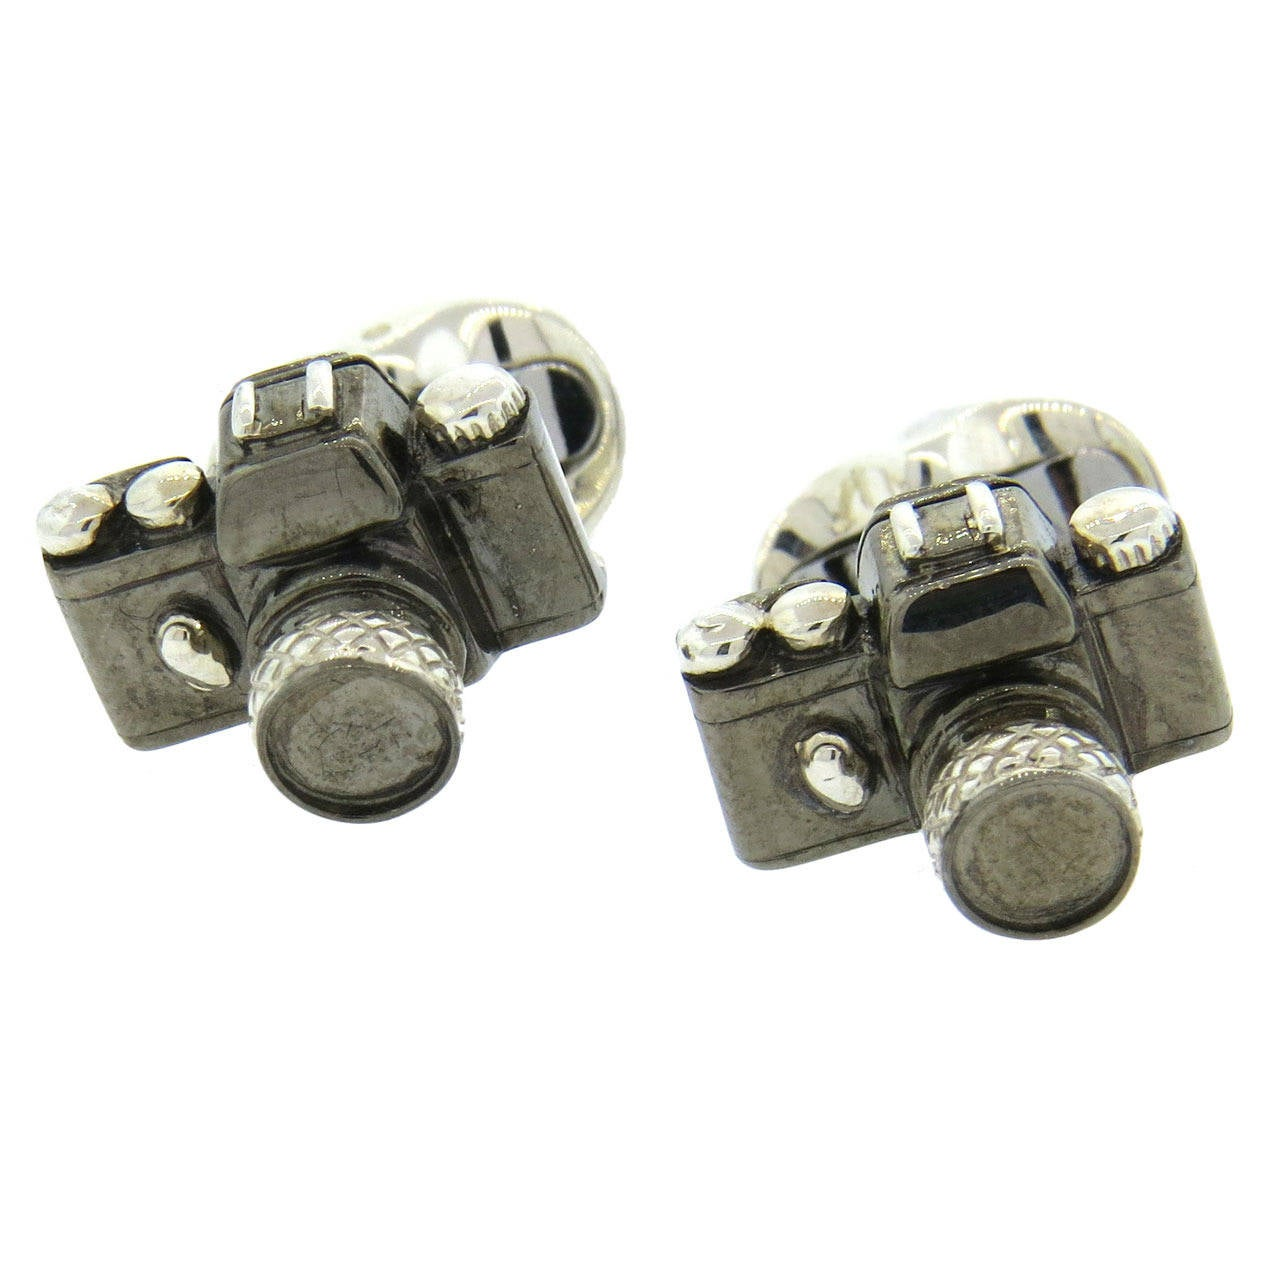 Deakin & Francis Sterling Silver Camera Cufflinks